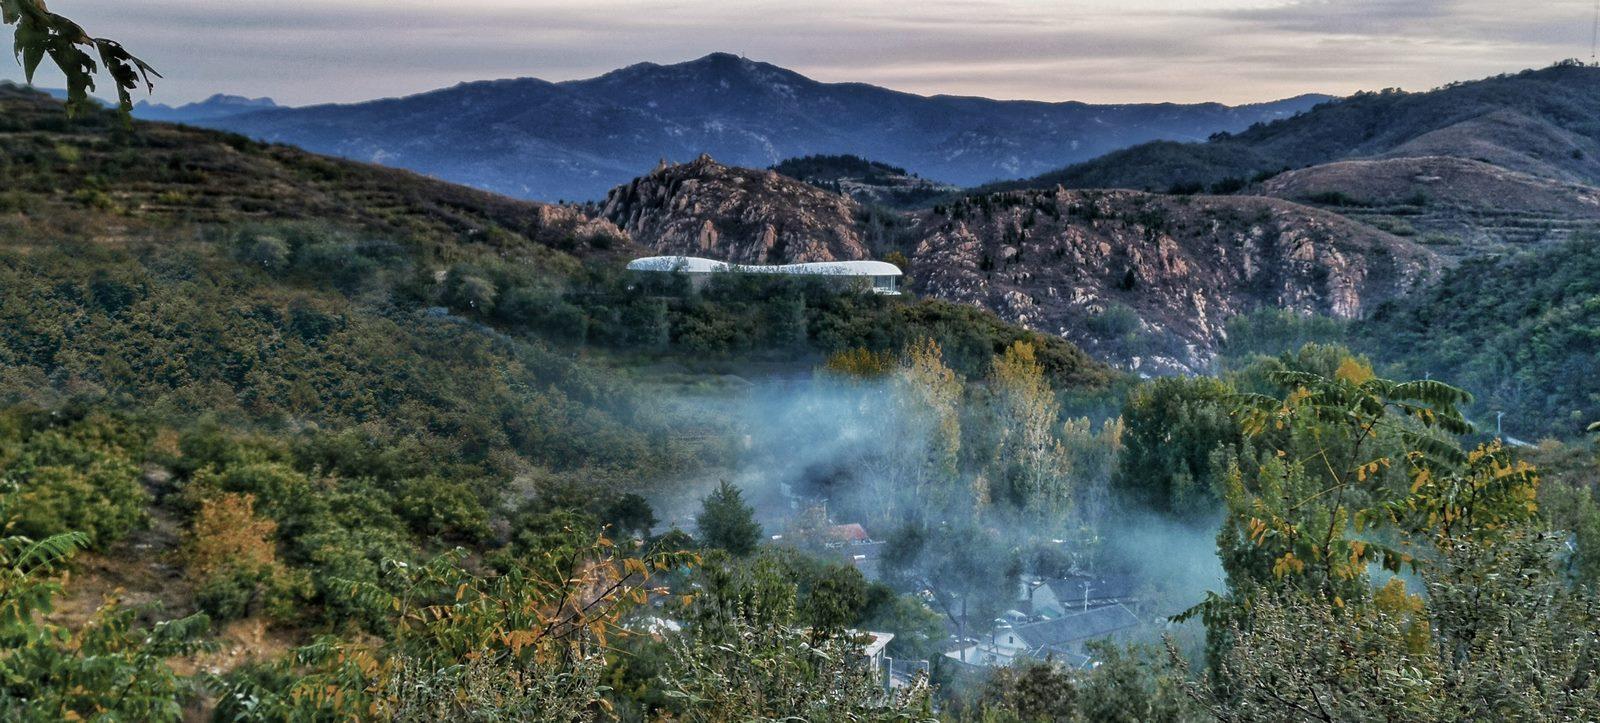 Estudio de Jiunvfeng como una nube suspendida en el Monte Tai / gad · line + studio 38